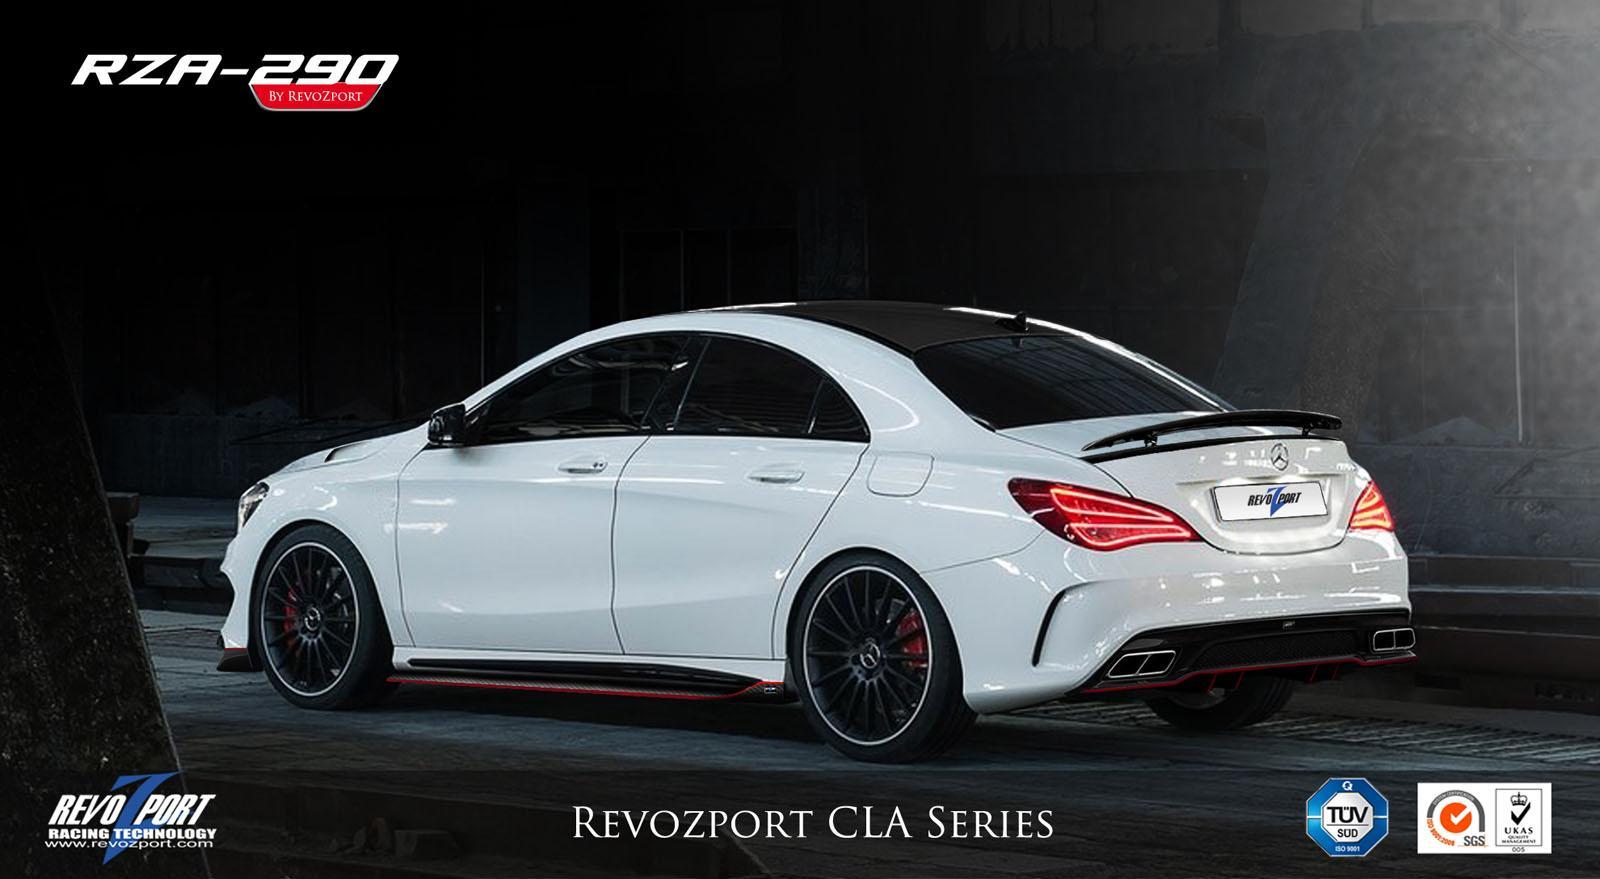 Revozport Mercedes Cla 2 Mercedes Tuning Mag